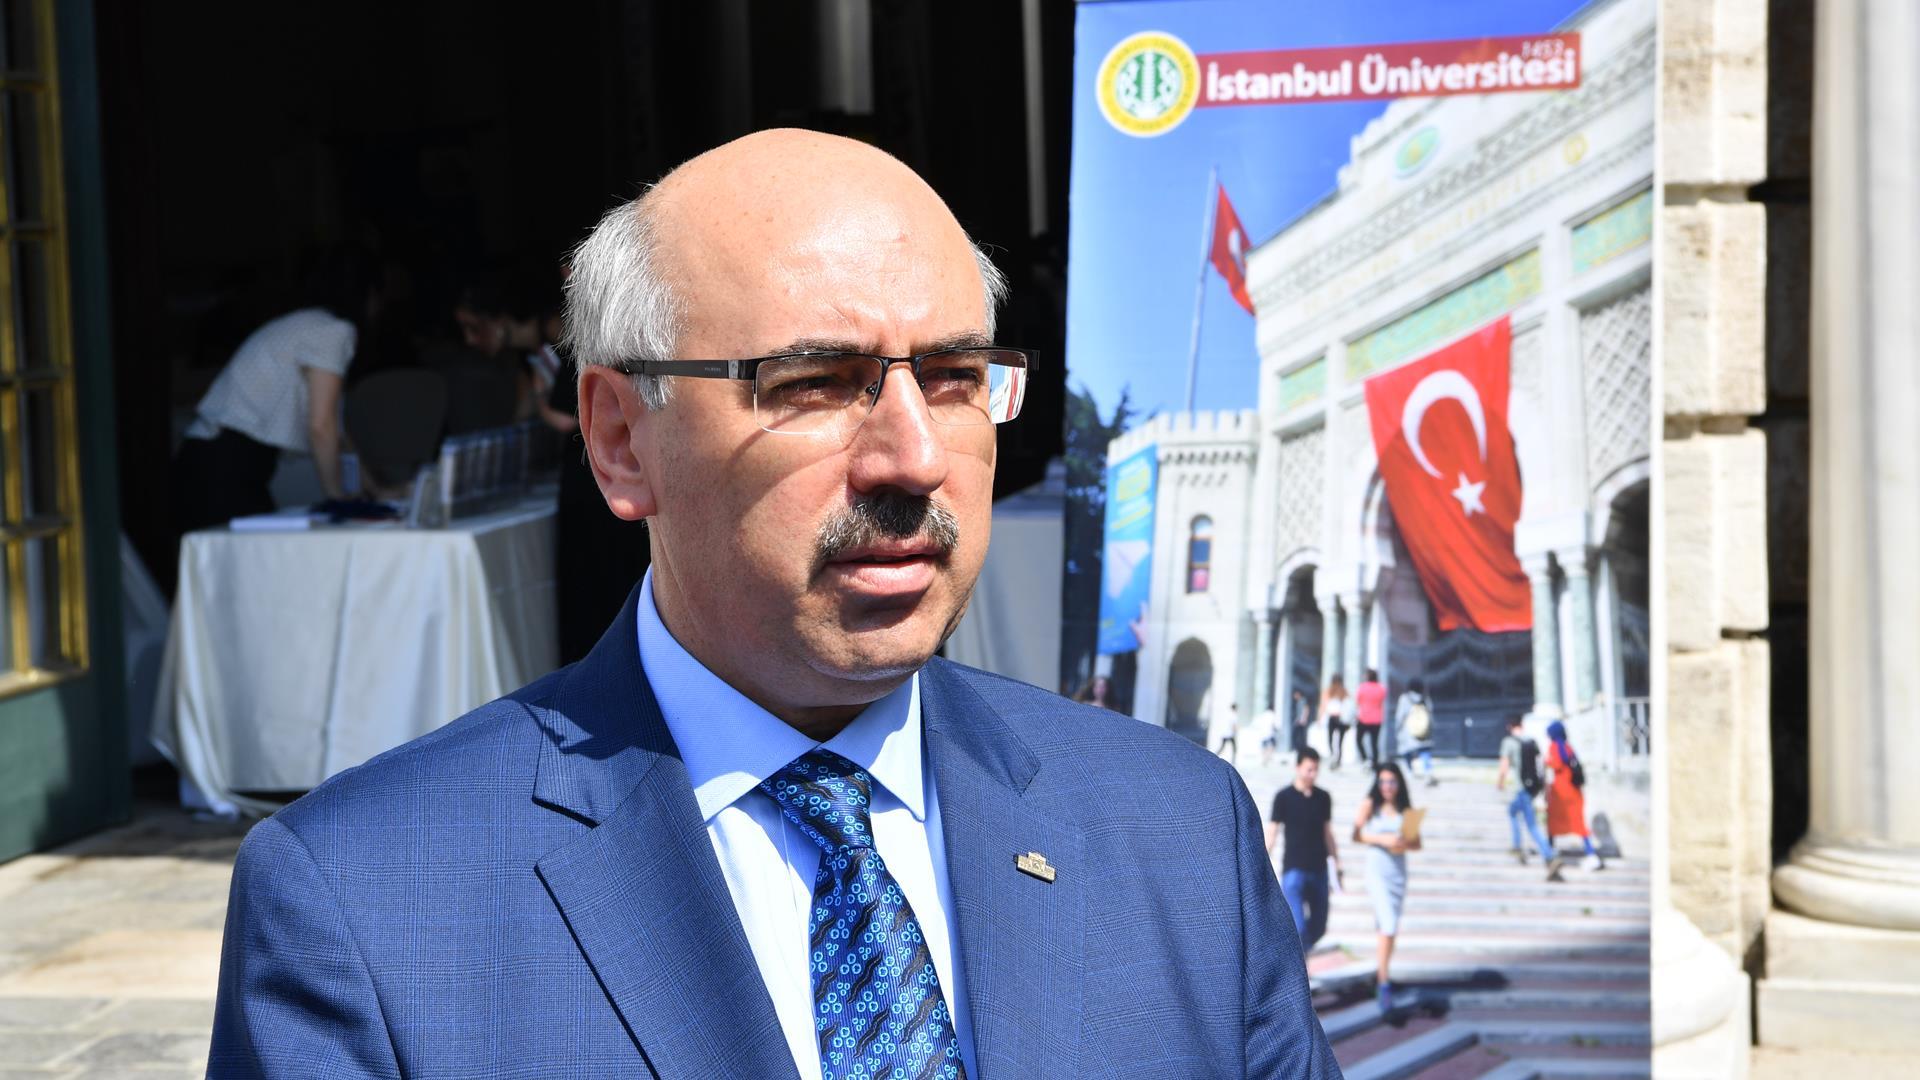 İstanbul-Üniversitesi-Rektörü-Prof.-Dr.-Mahmut-Ak-TRT'den-Aday-Öğrencilere-Seslendi